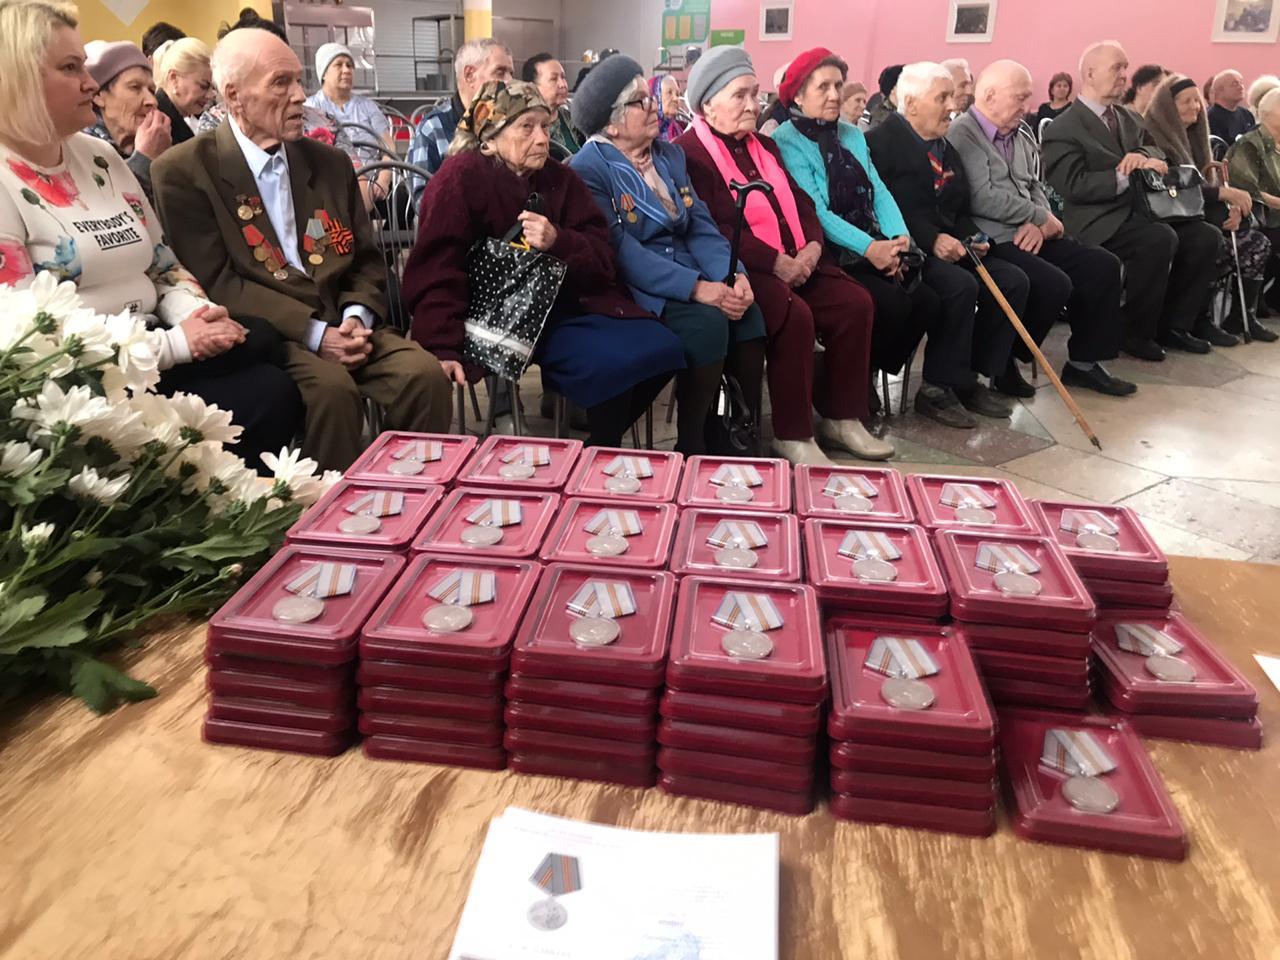 В Уфе сотрудники Росгвардии приняли участие в церемонии вручения юбилейных медалей «75 лет Победы в Великой Отечественной войне 1941-1945 гг.»